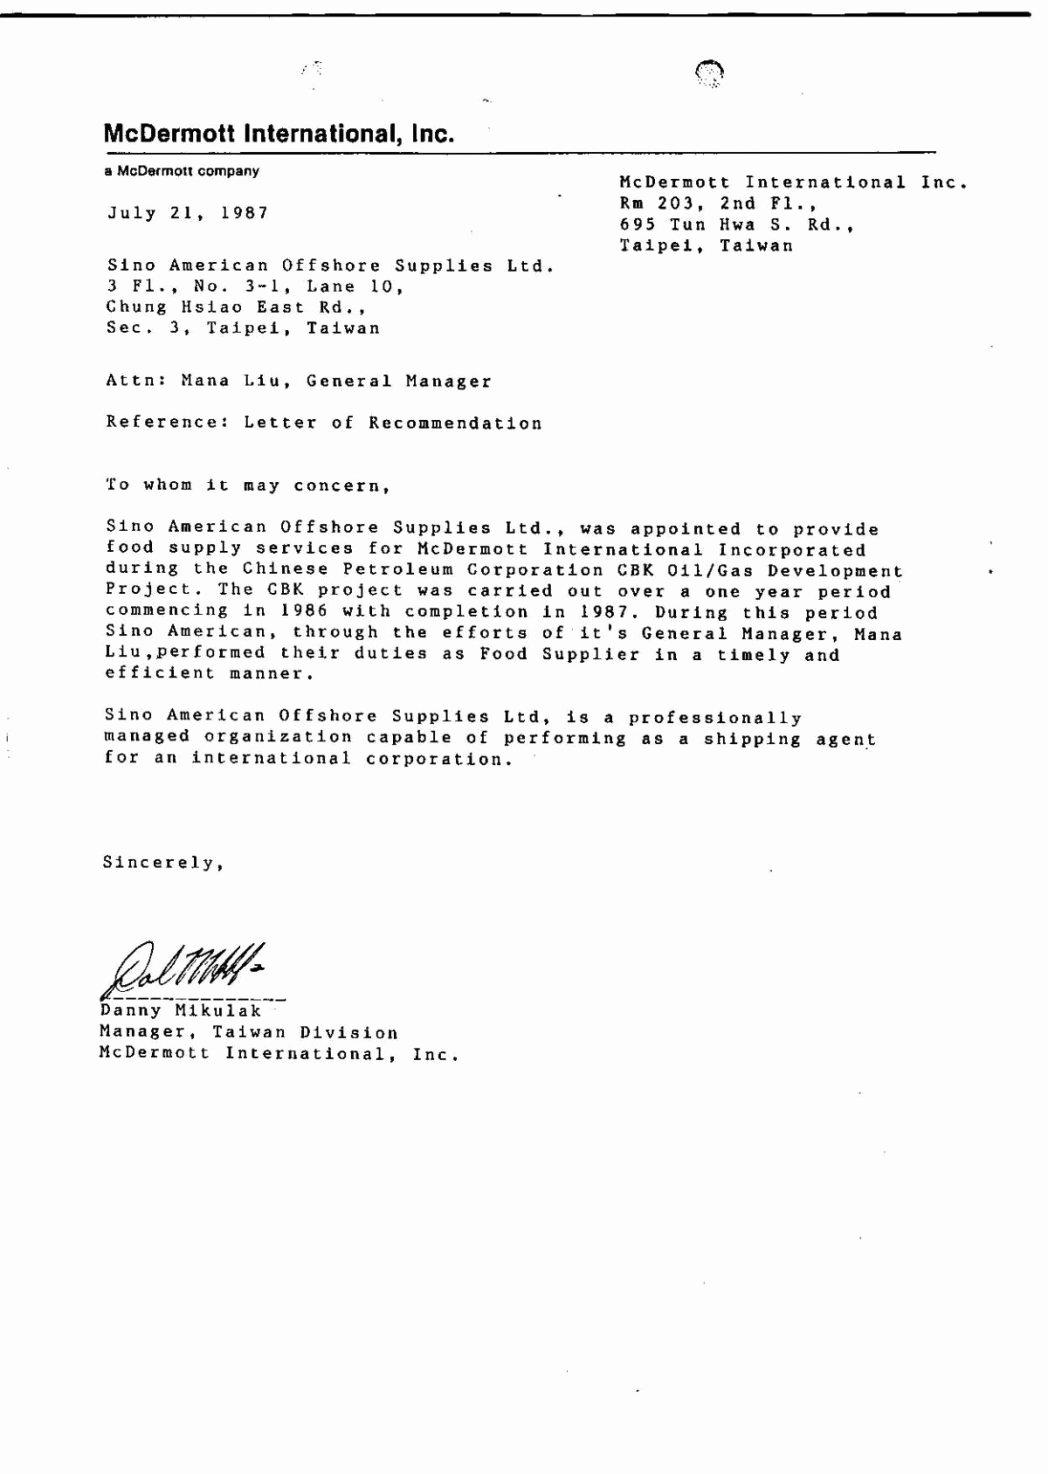 Vendor Recommendation Letter Sample Elegant Best Linkedin Re Mendation Project Manager Example